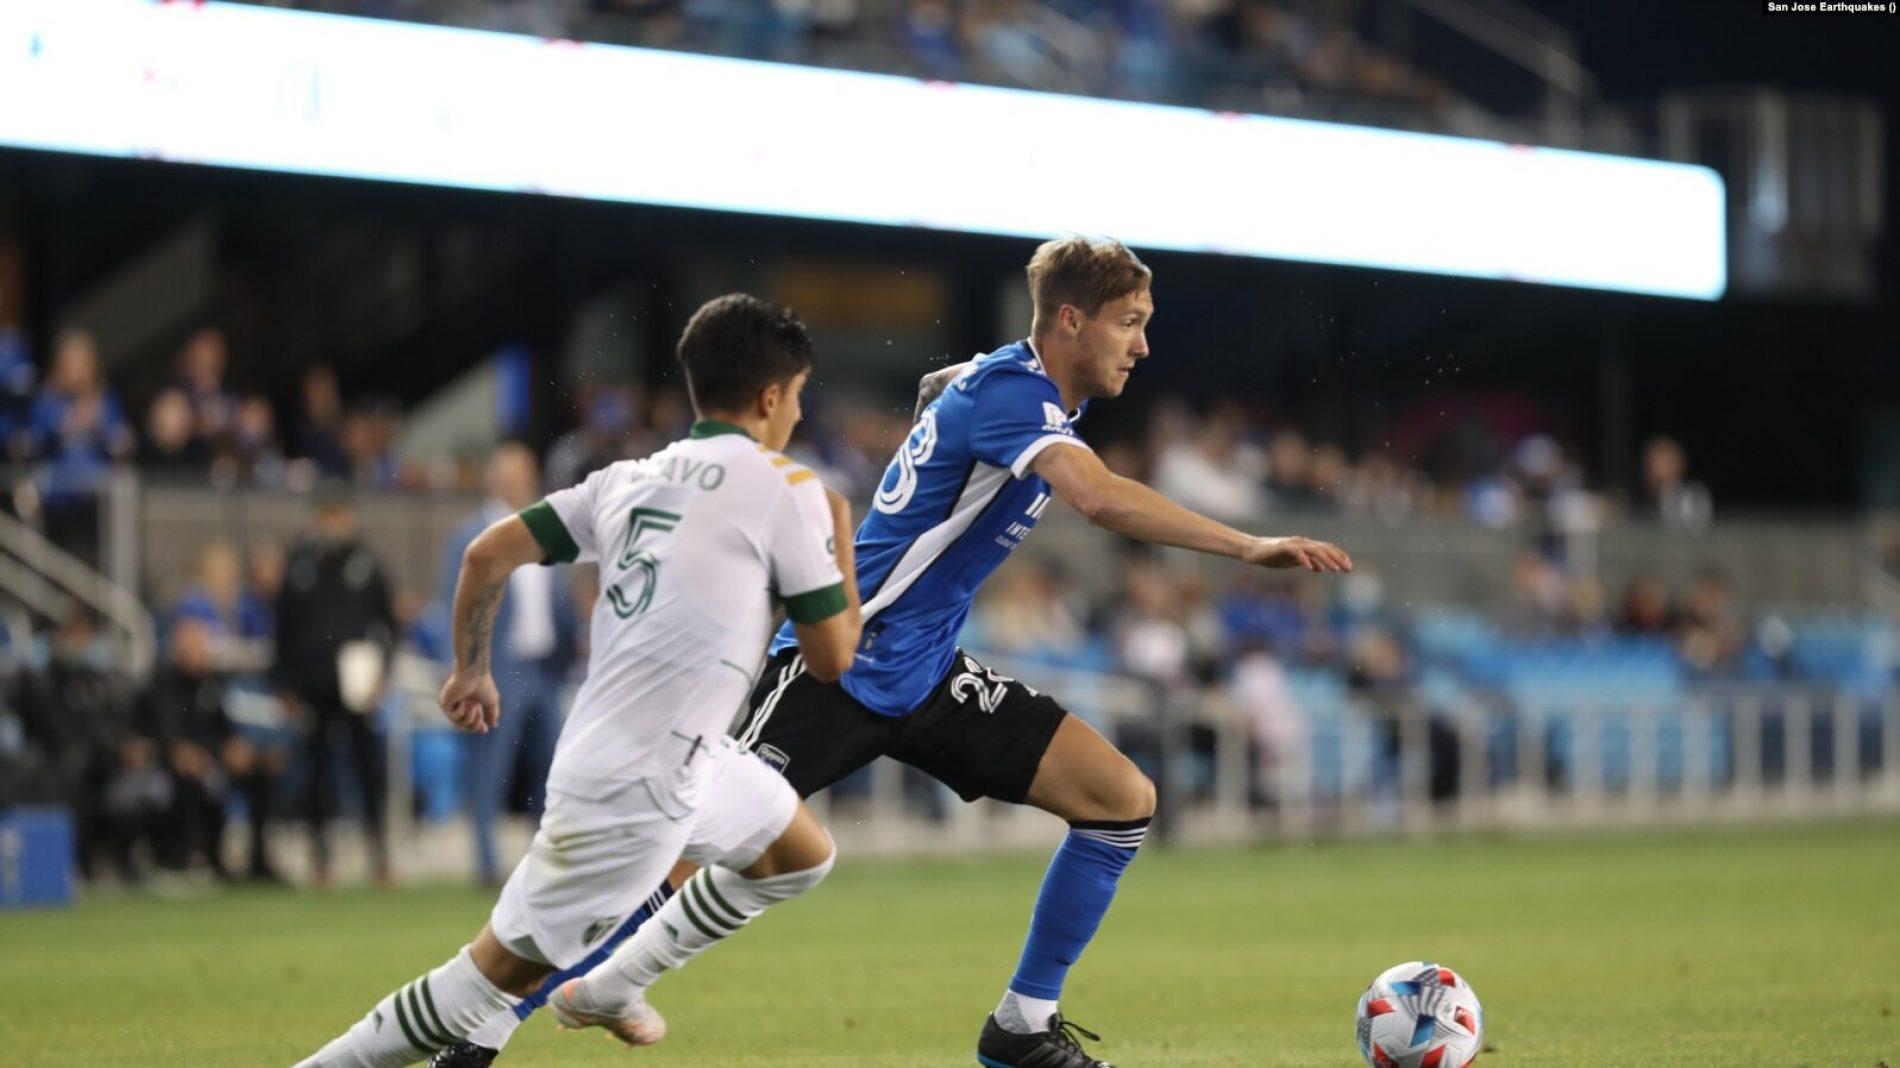 Bosansko-američki fudbaleri: Odluka o reprezentaciji zavisi od mnogo faktora